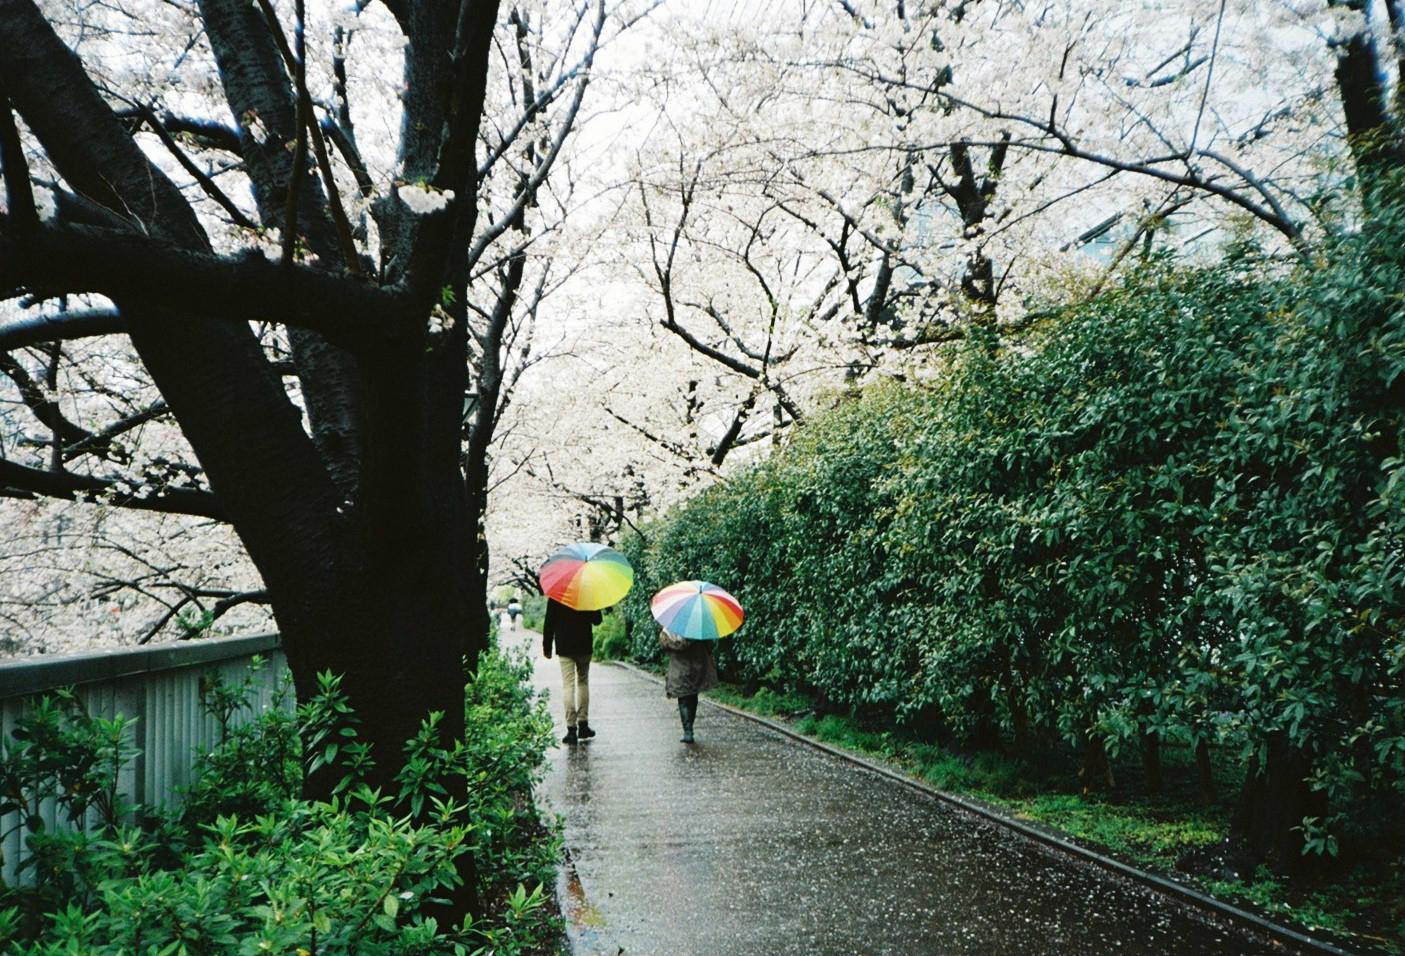 小野﨑由美子・奇跡の一枚